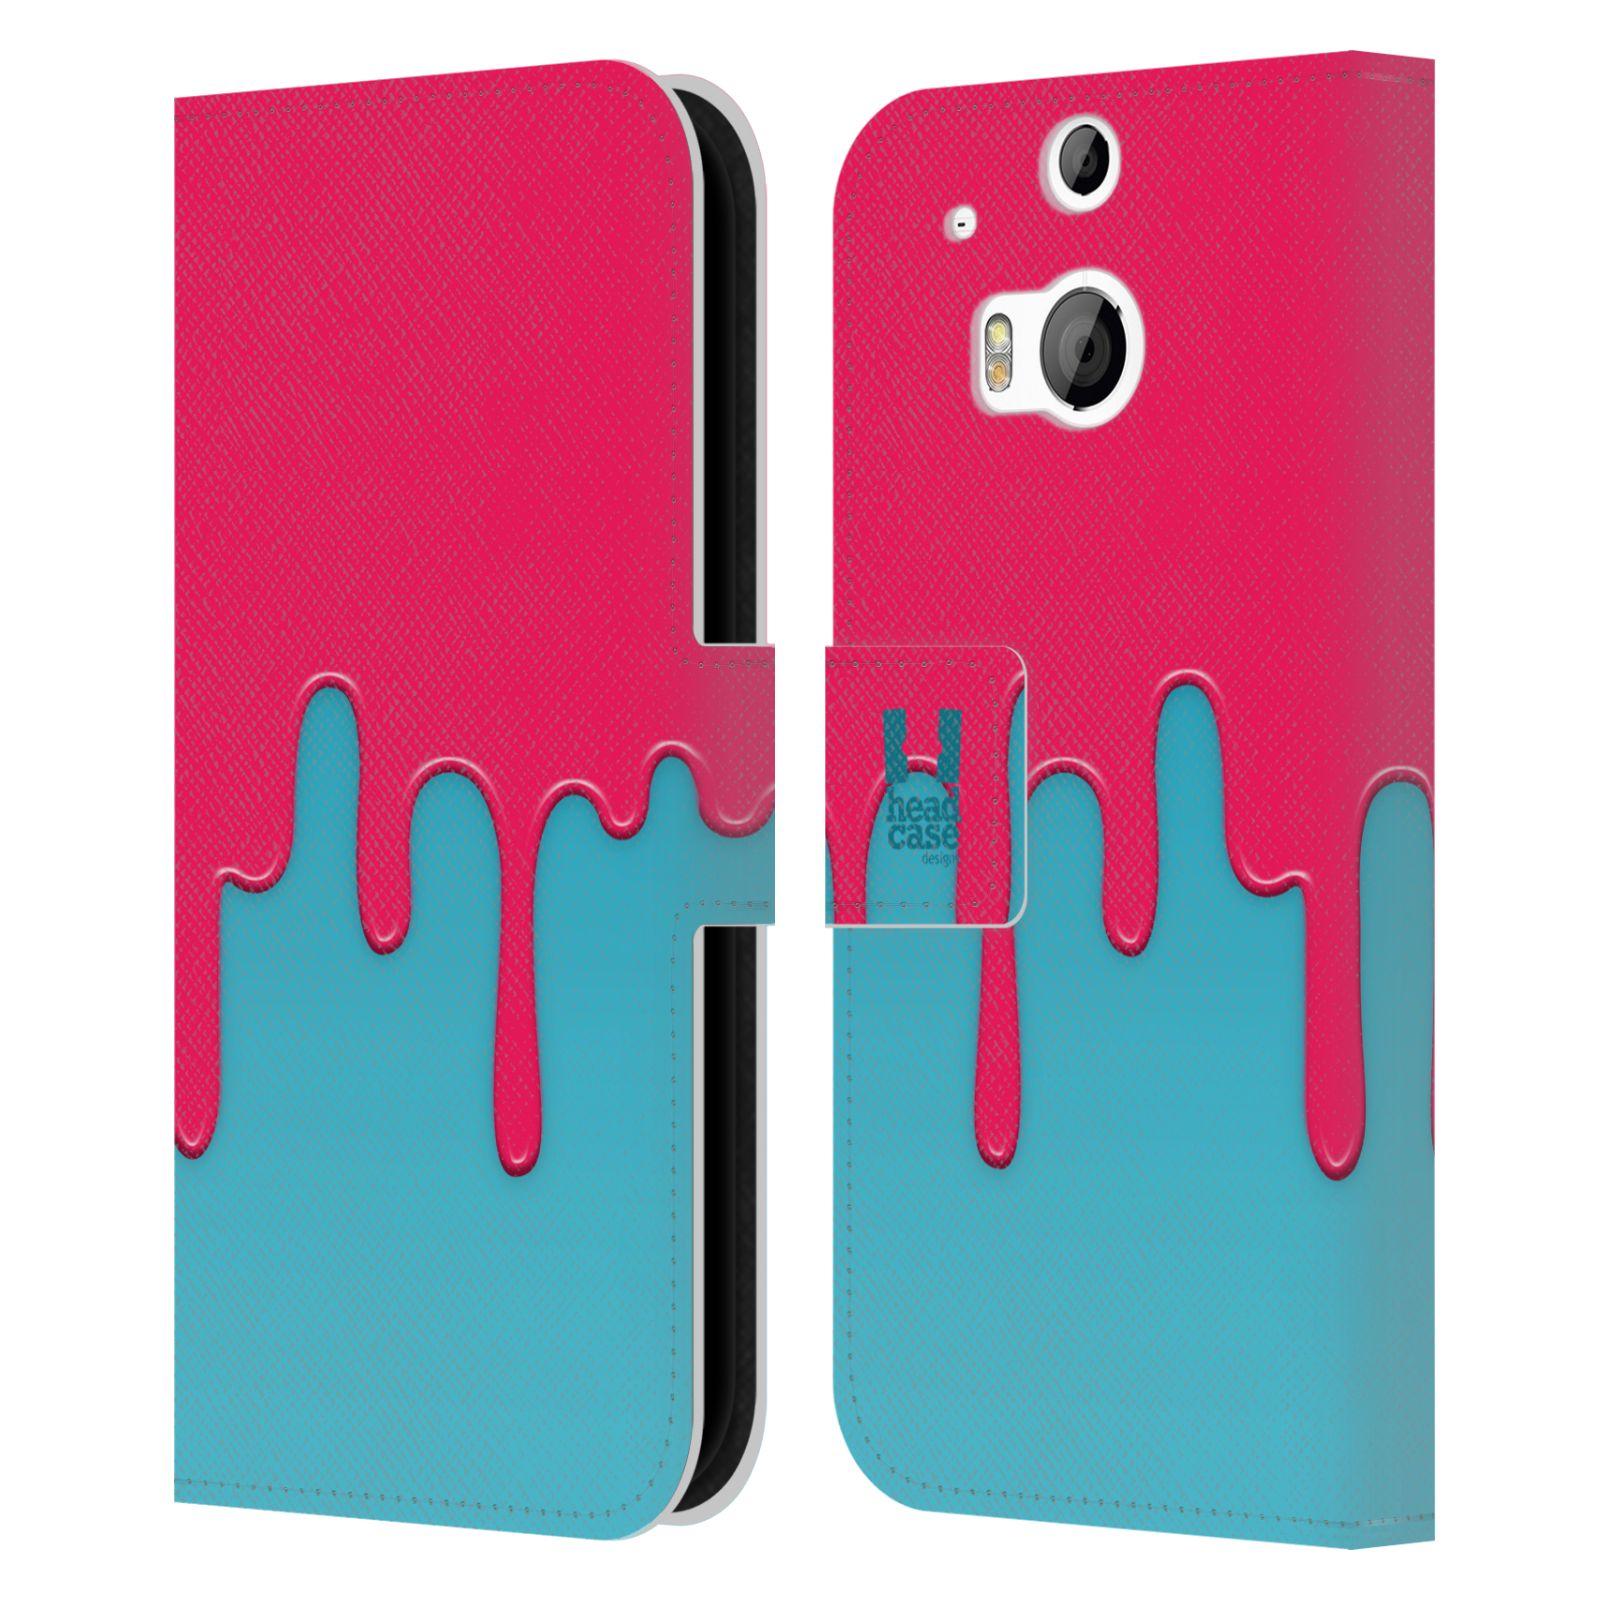 HEAD CASE Flipové pouzdro pro mobil HTC ONE (M8, M8s) Rozlitá barva růžová a modrá